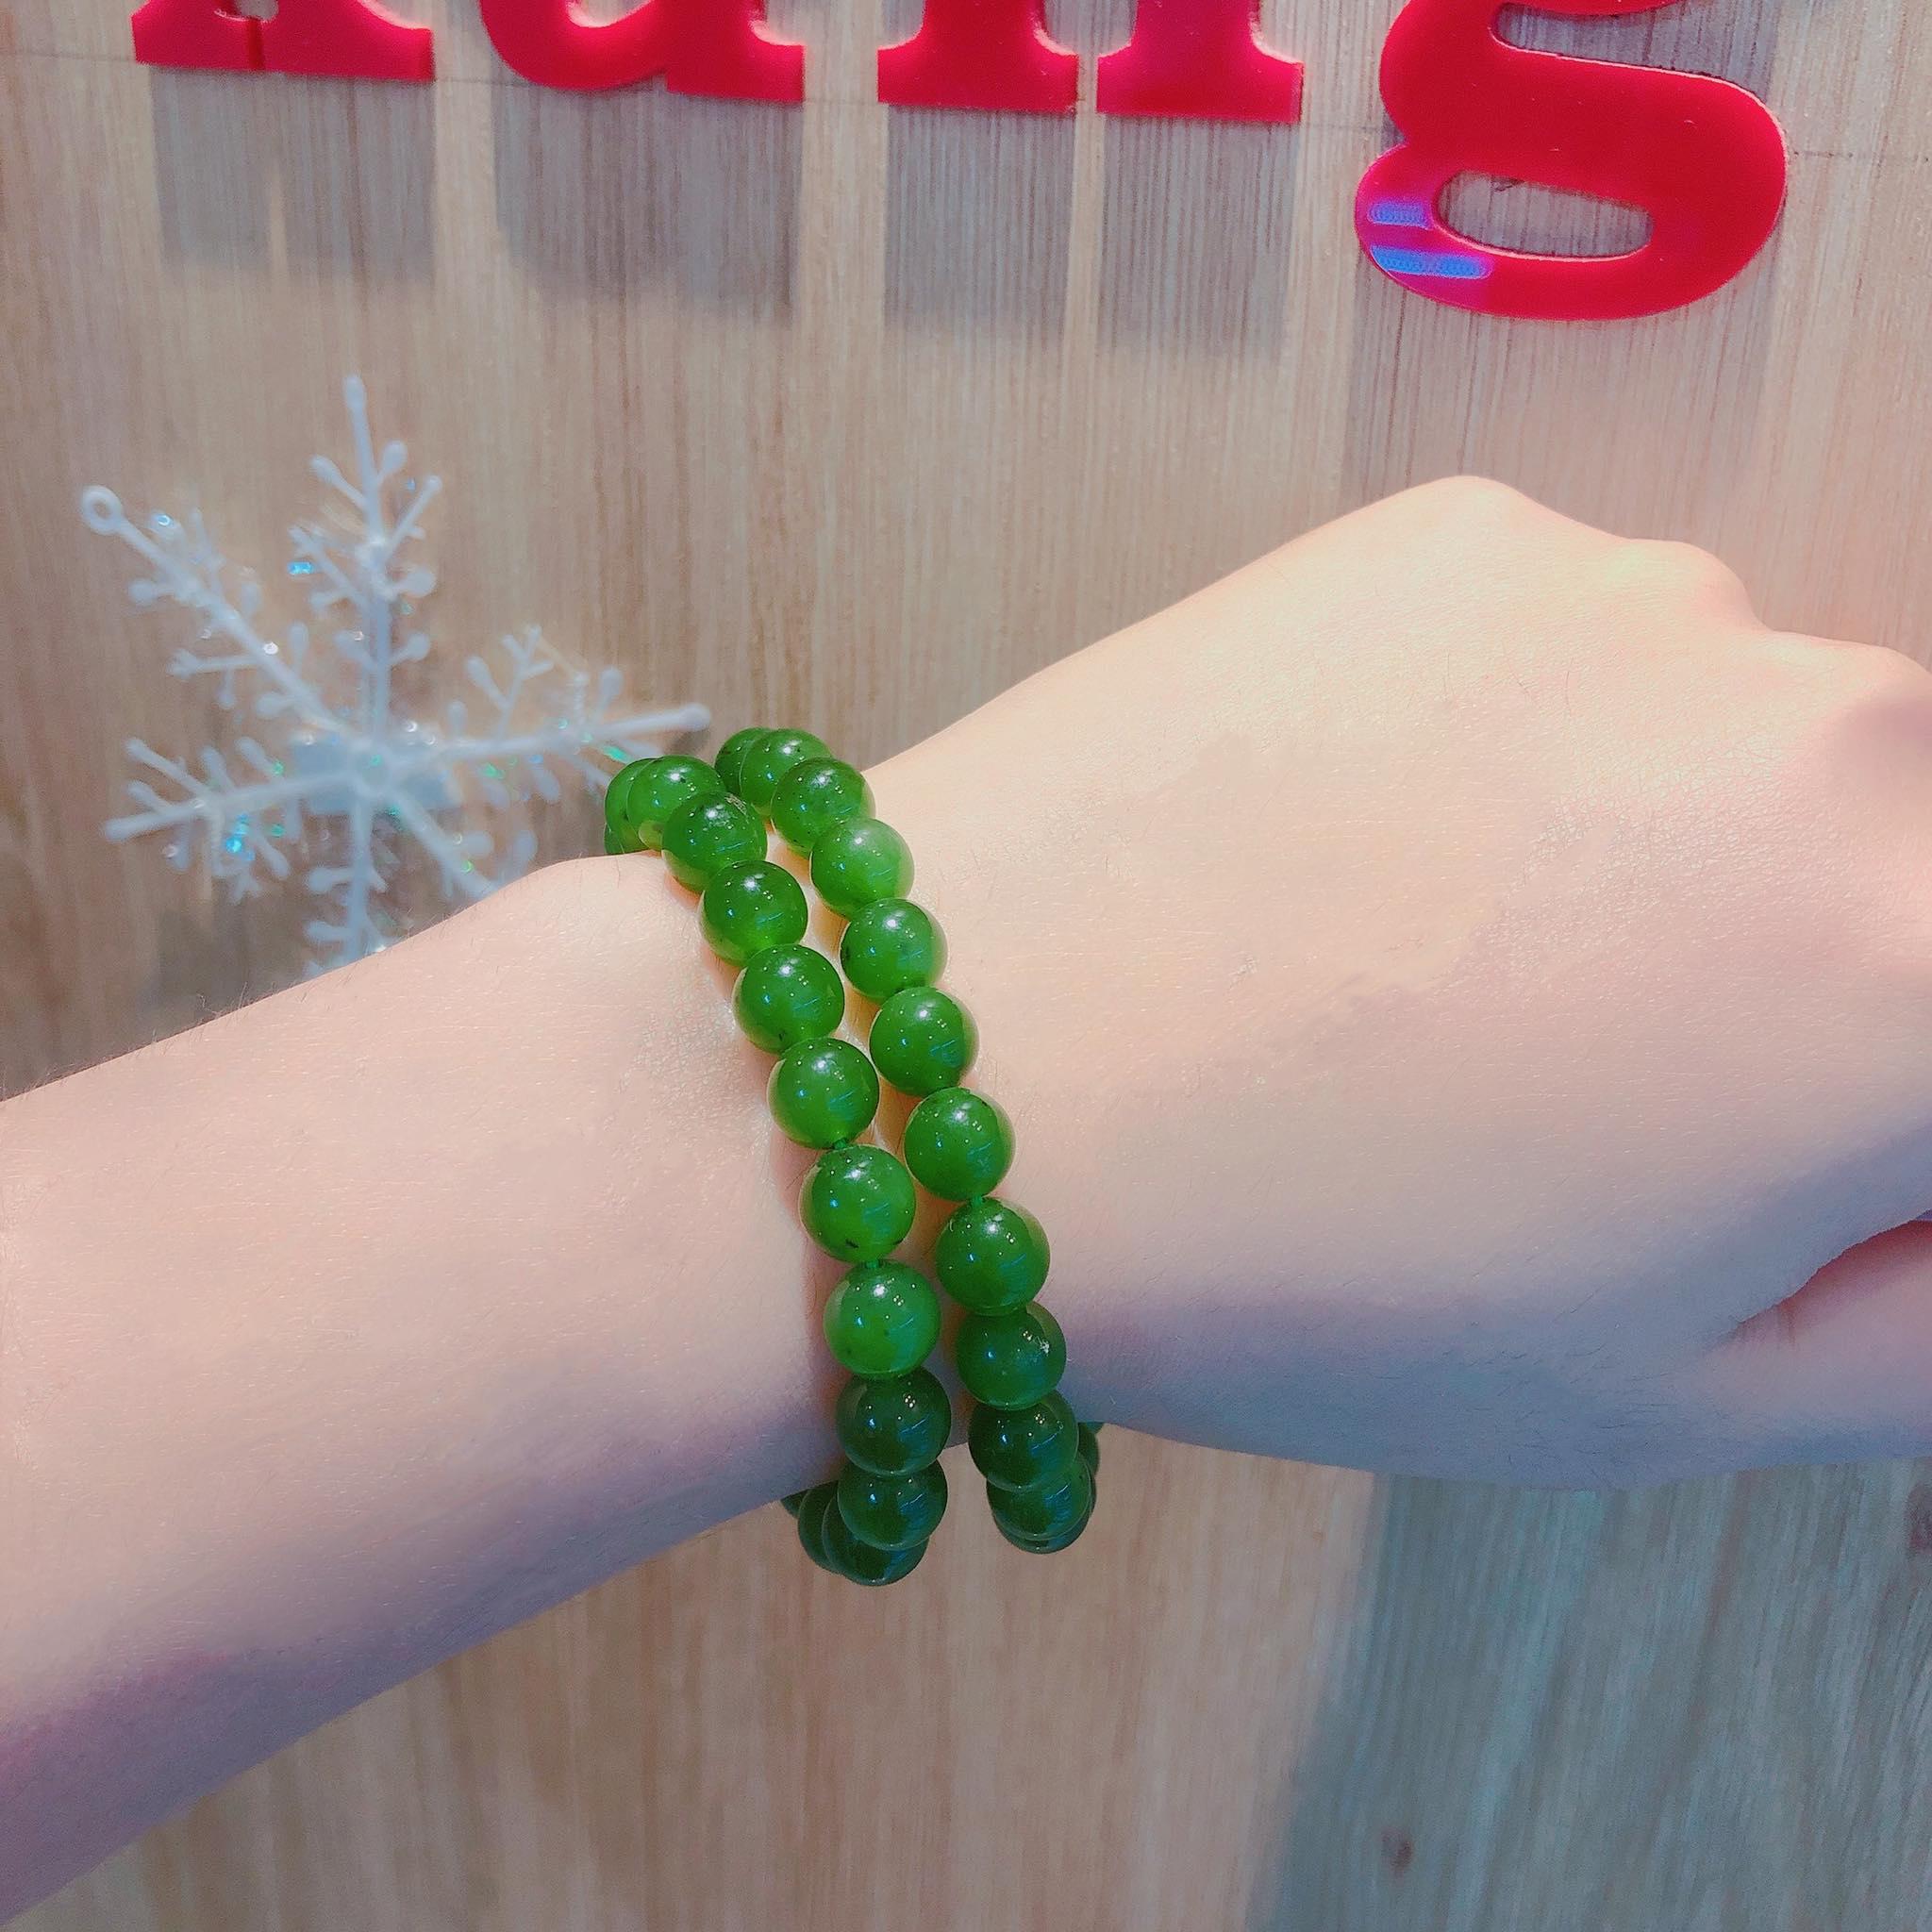 Chuỗi vòng cổ Ngọc Bích linh hoạt có thể đeo cổ và đeo tay